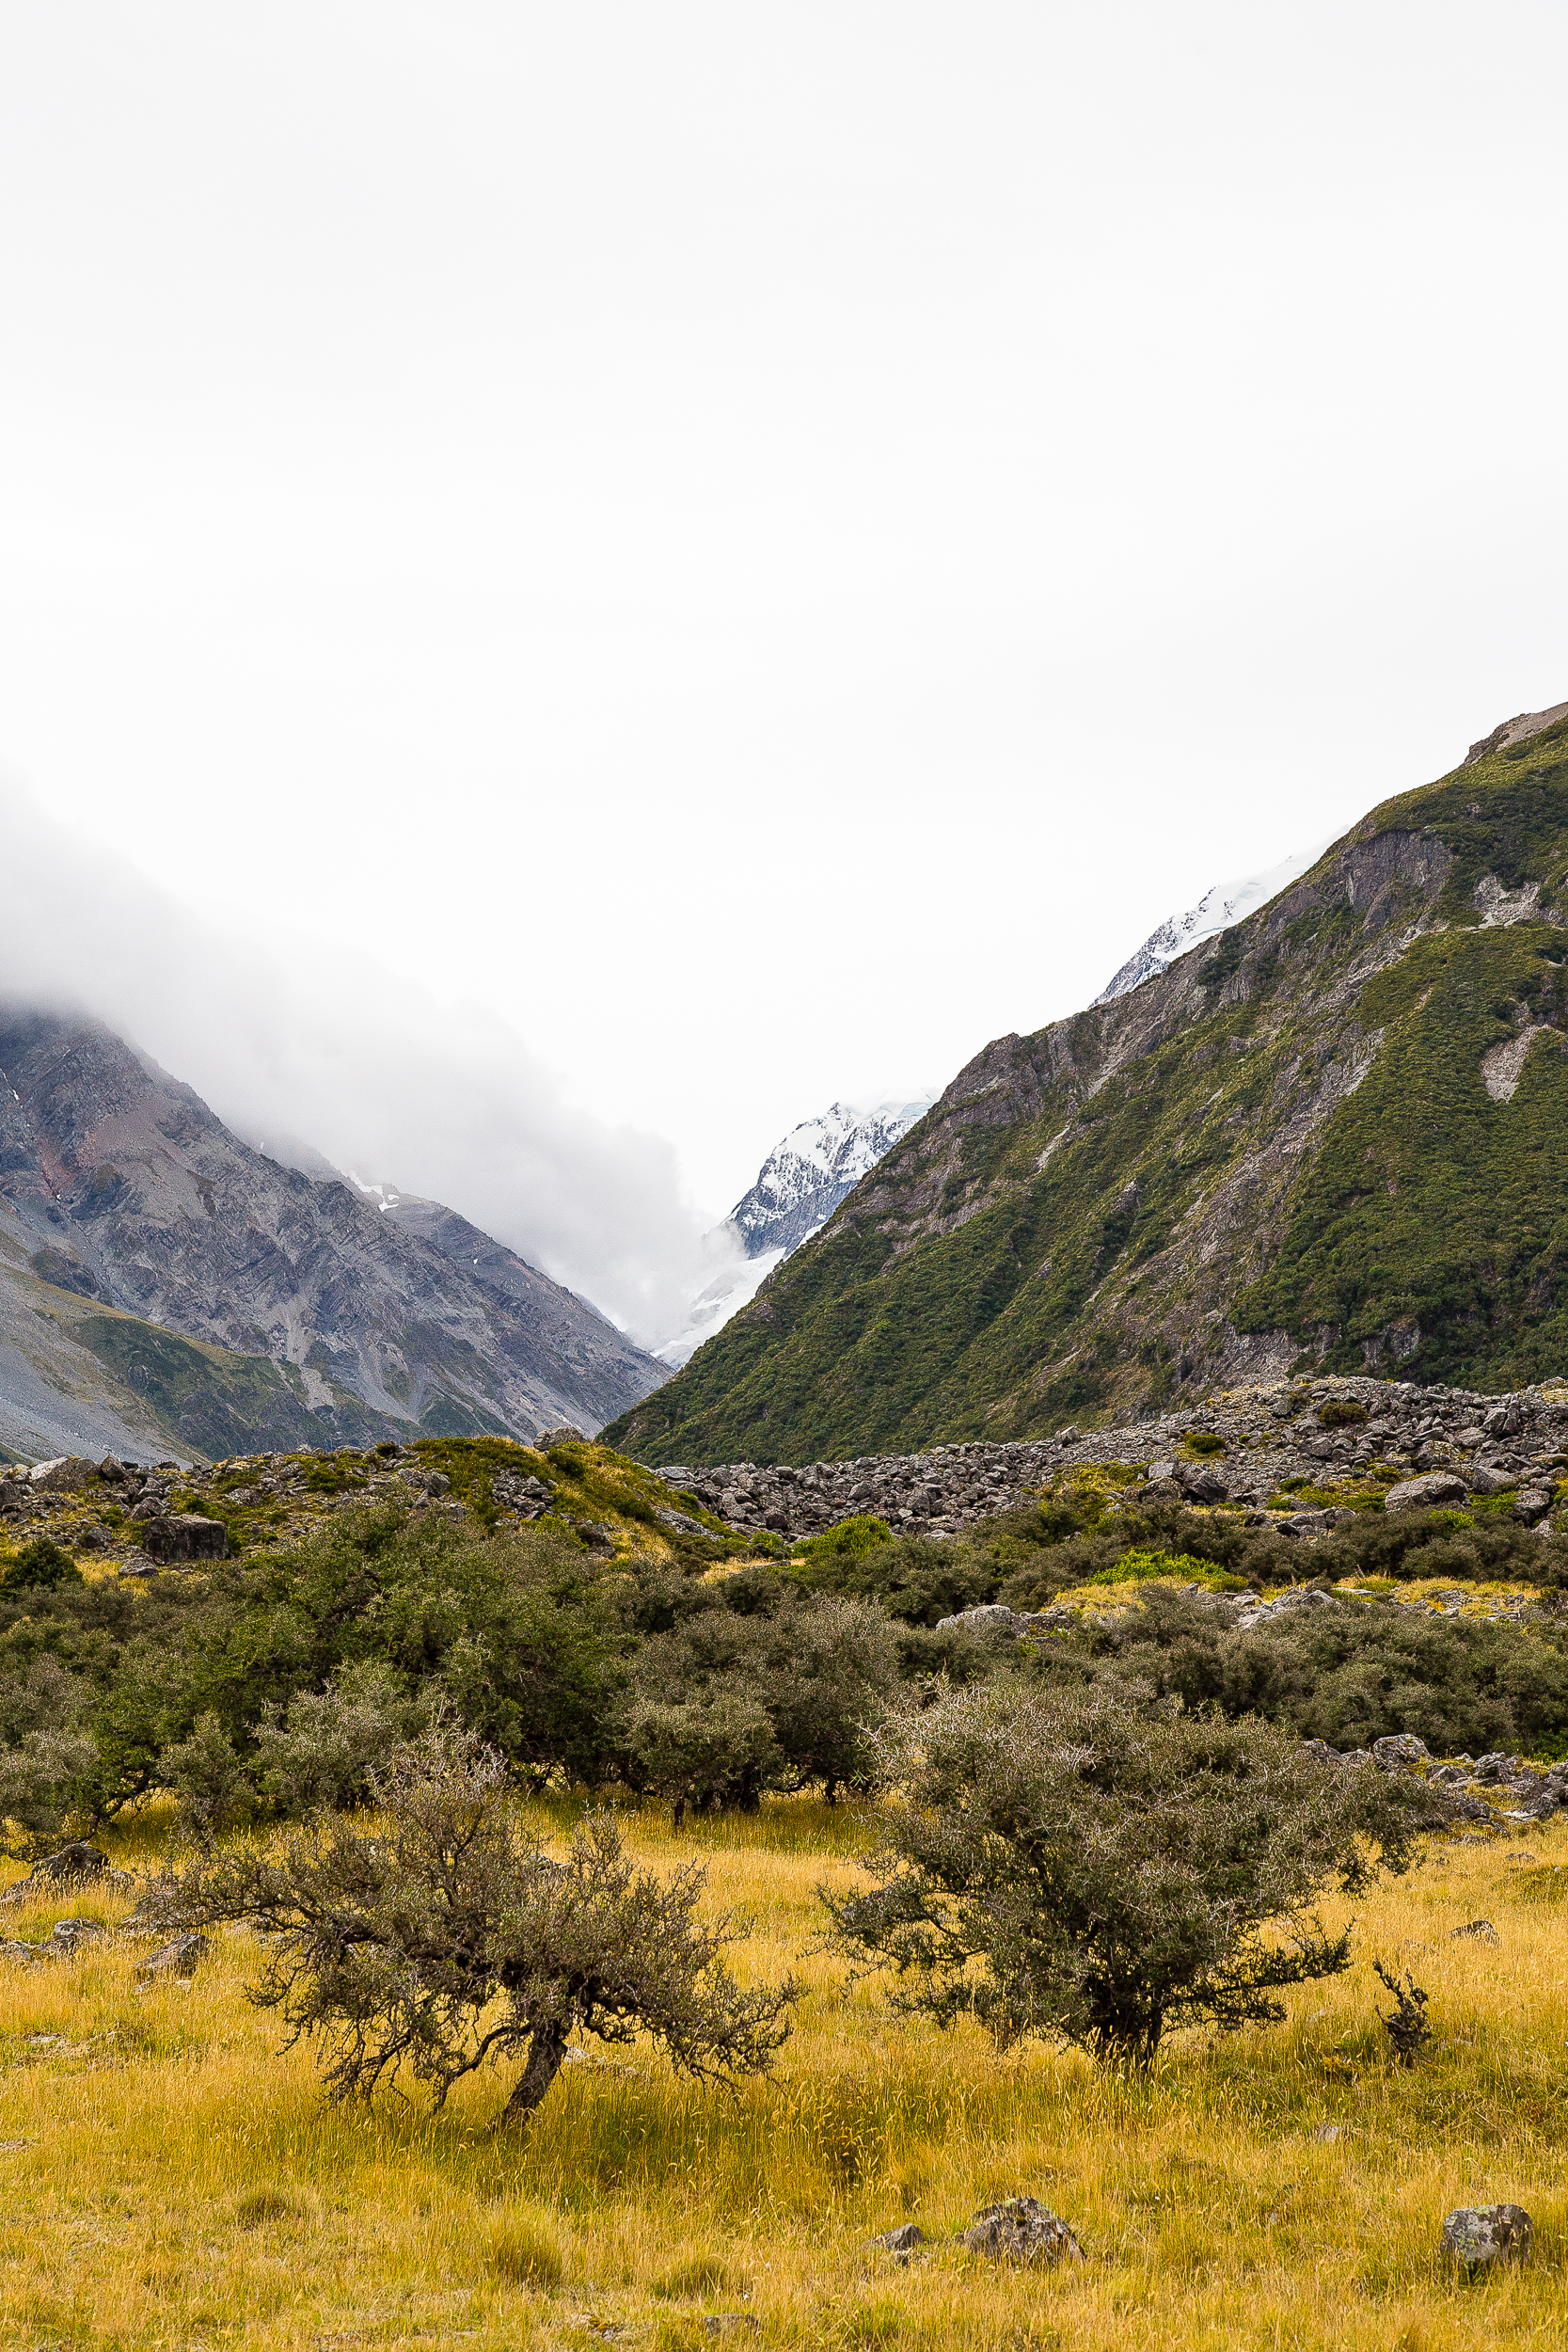 Mount Cook Hooker Valley Aoraki New Zealand